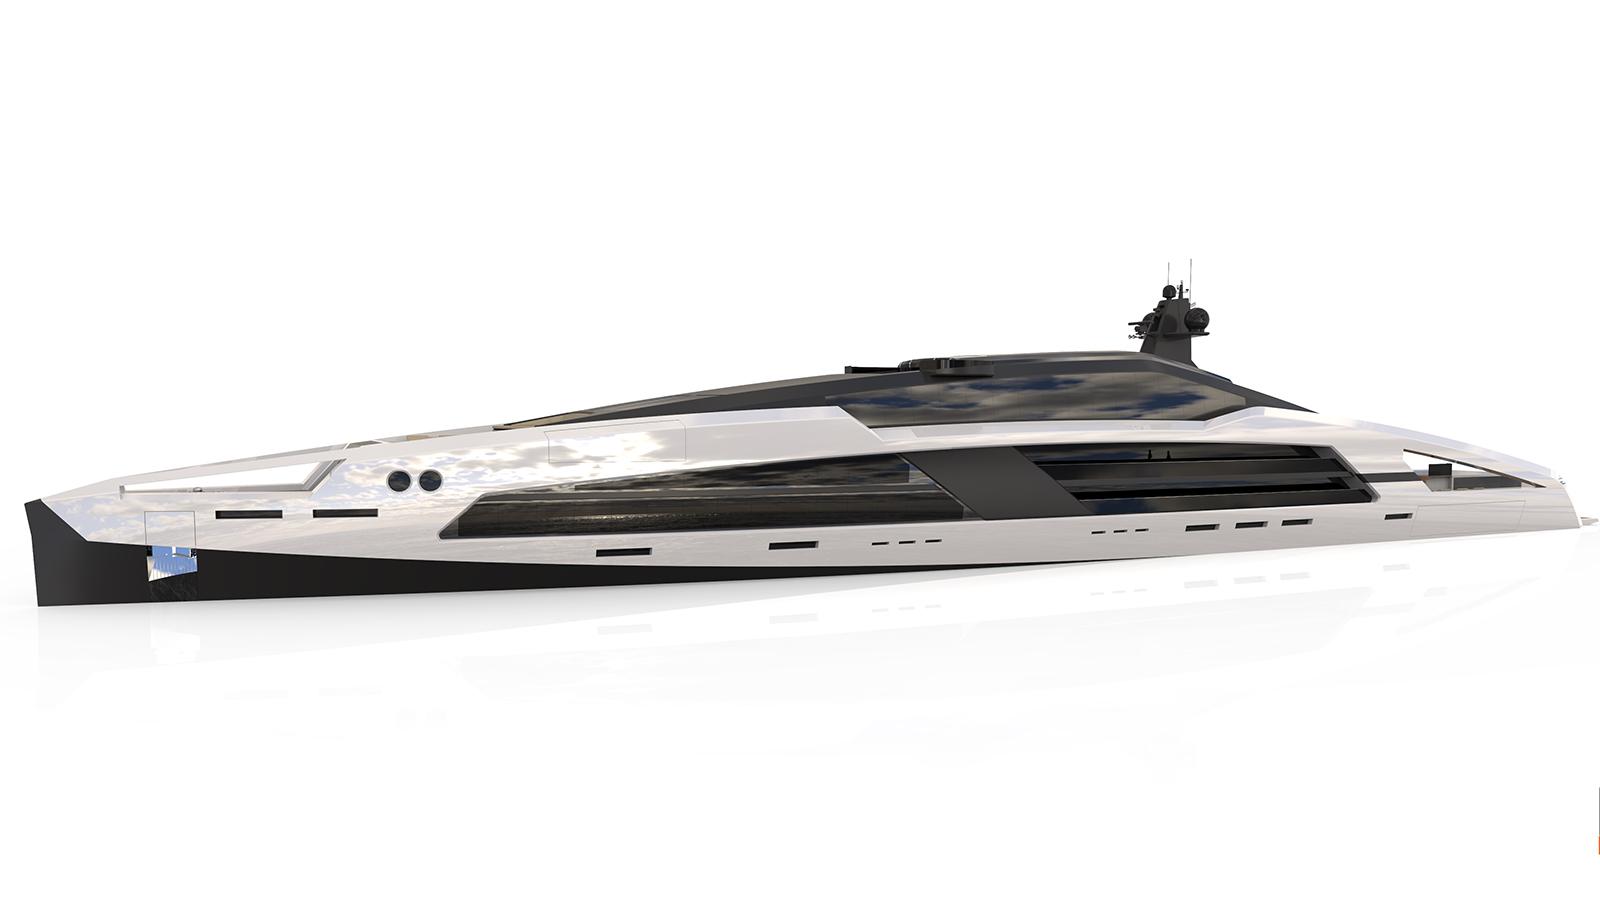 Aqueous 120m superyacht concept